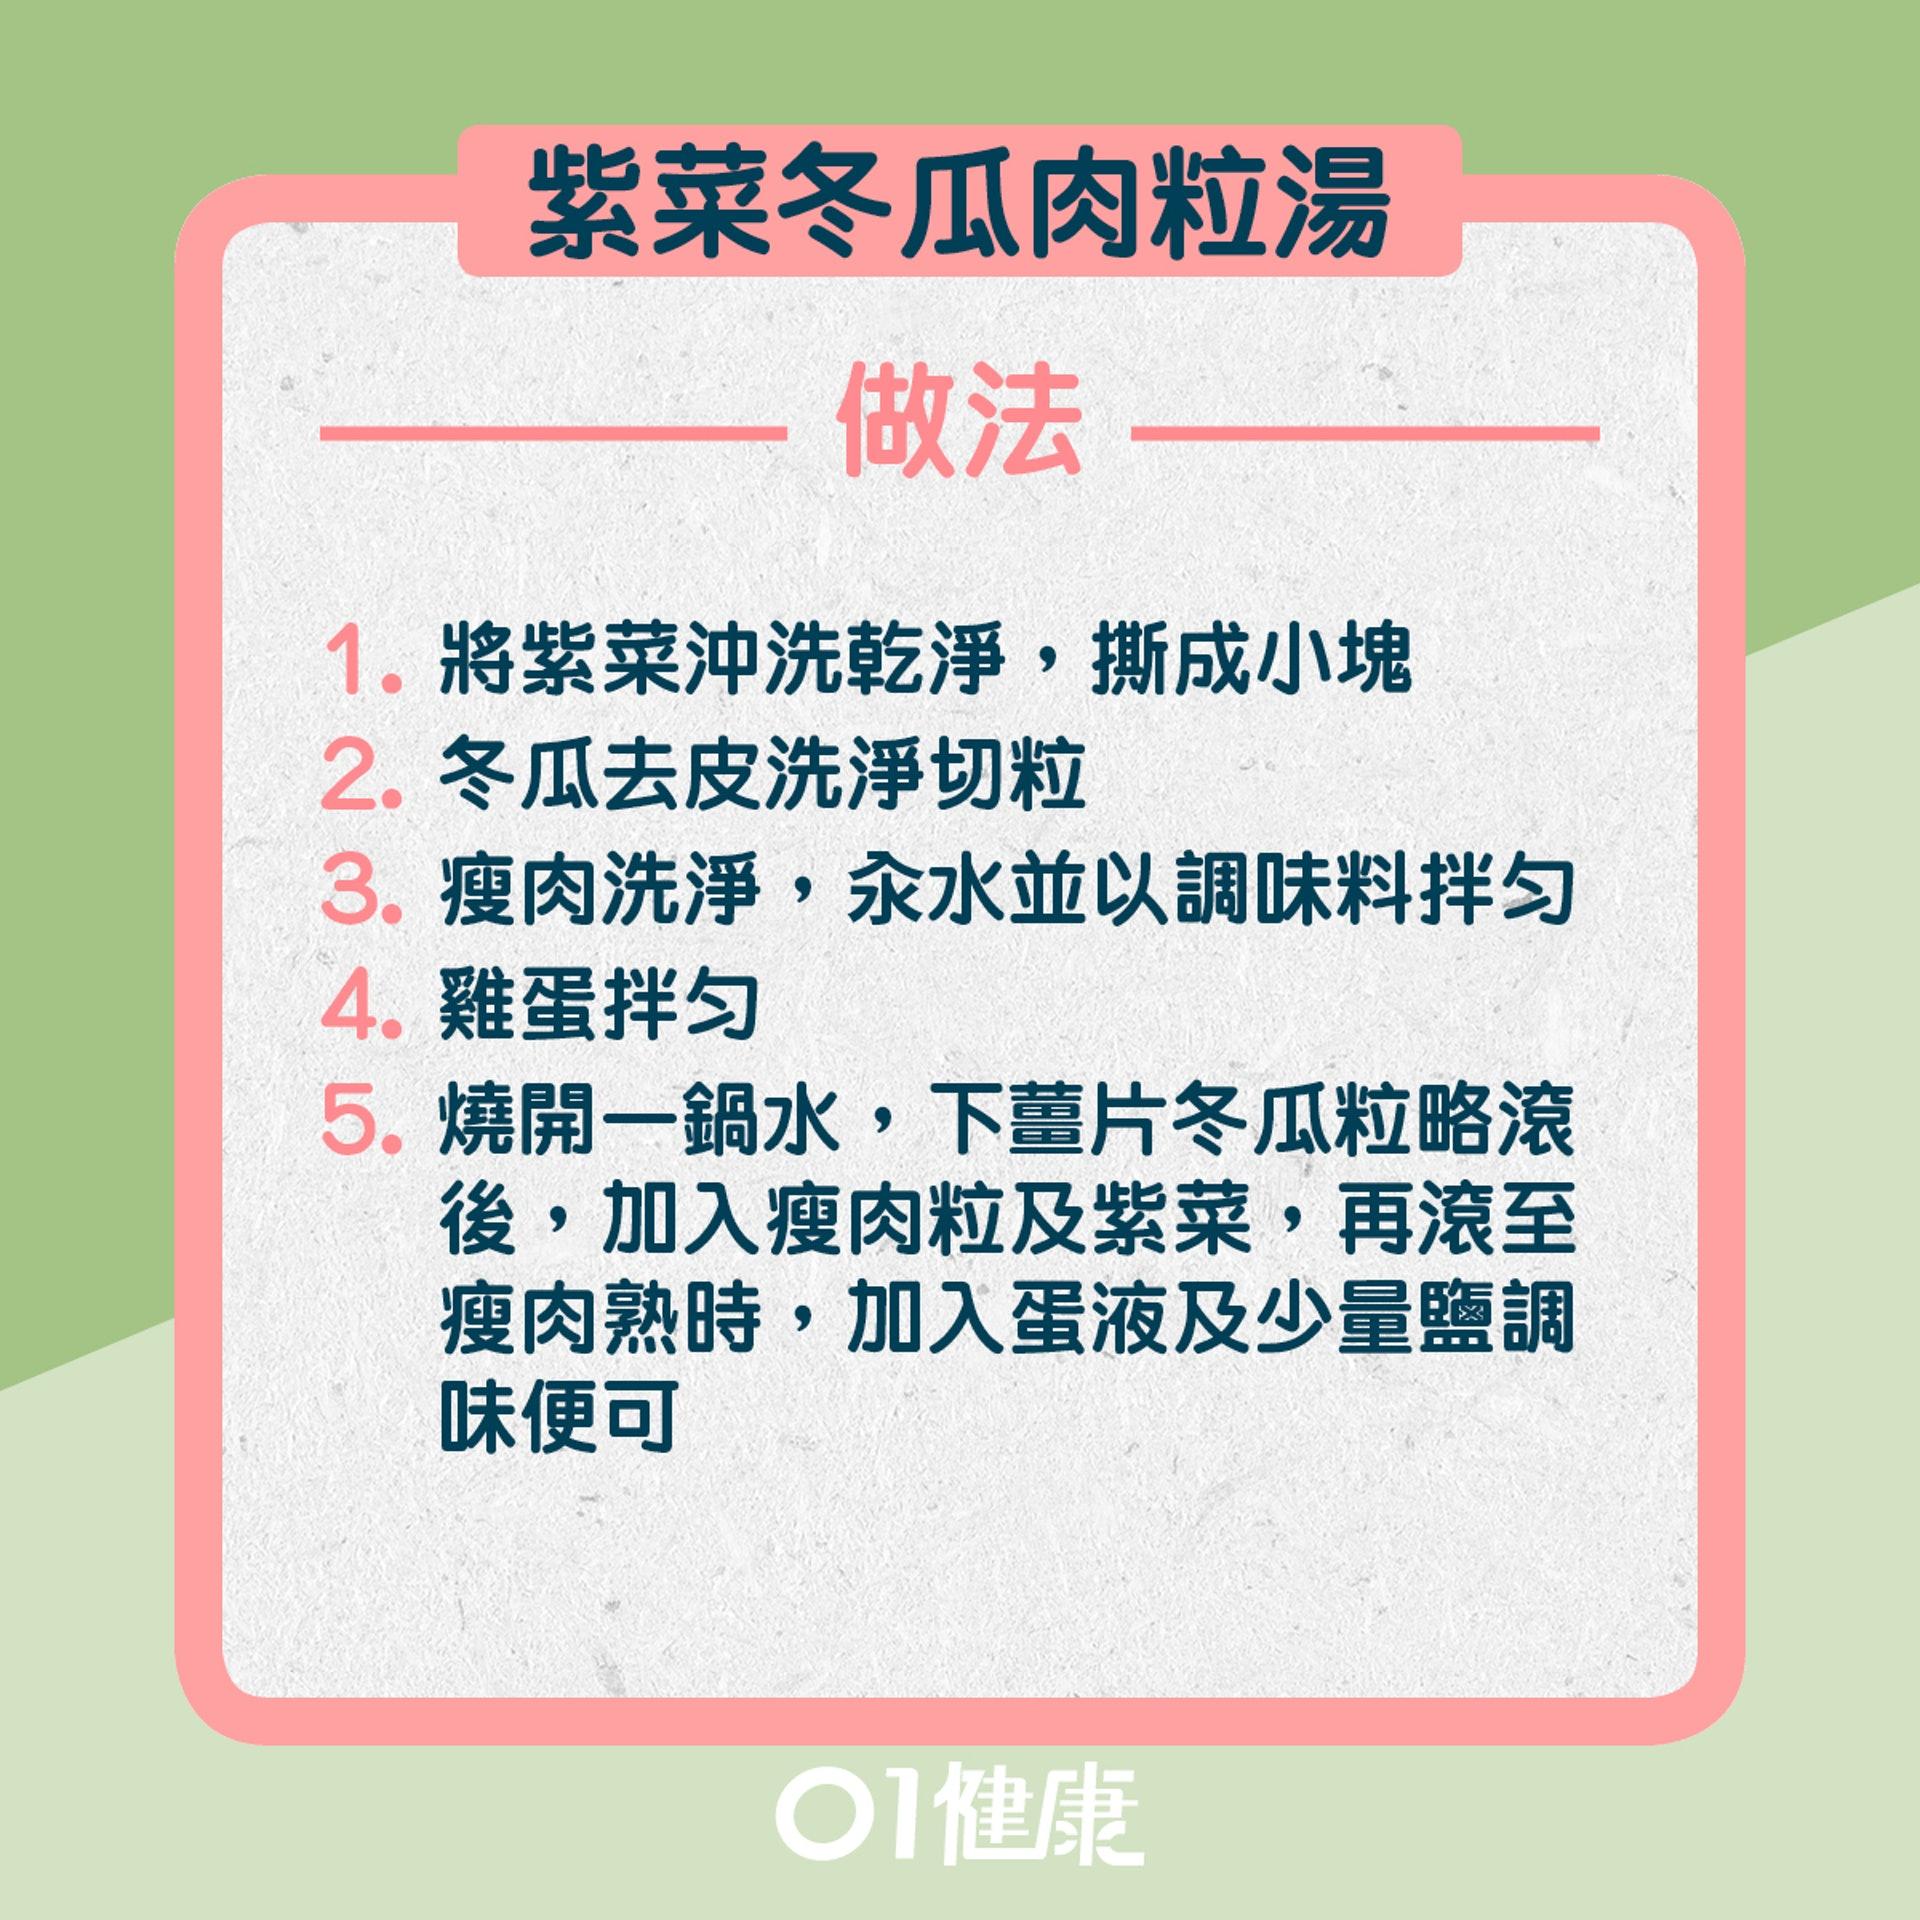 2. 紫菜冬瓜肉粒湯:做法(01製圖)